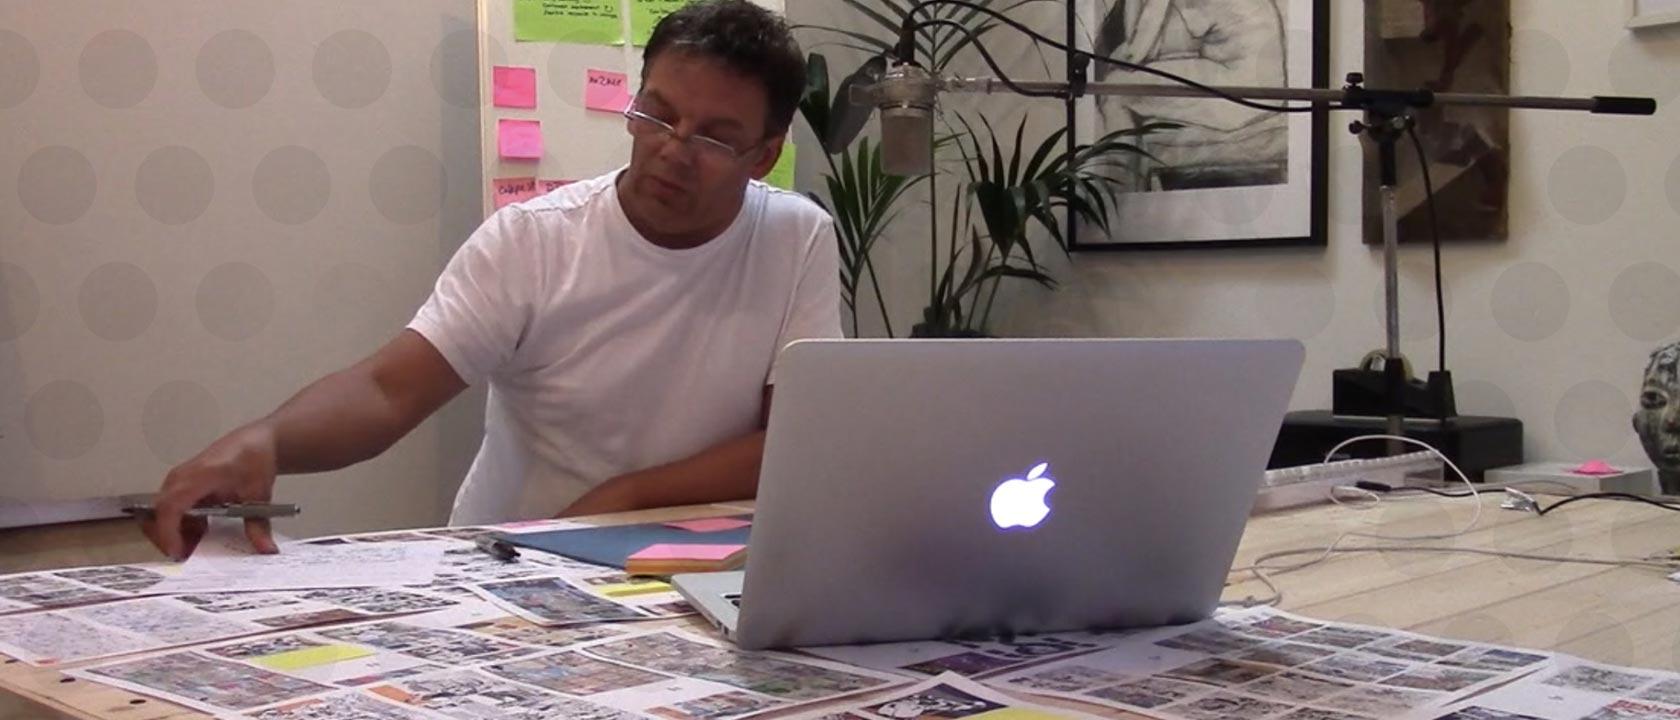 Paul Fillingham design studio